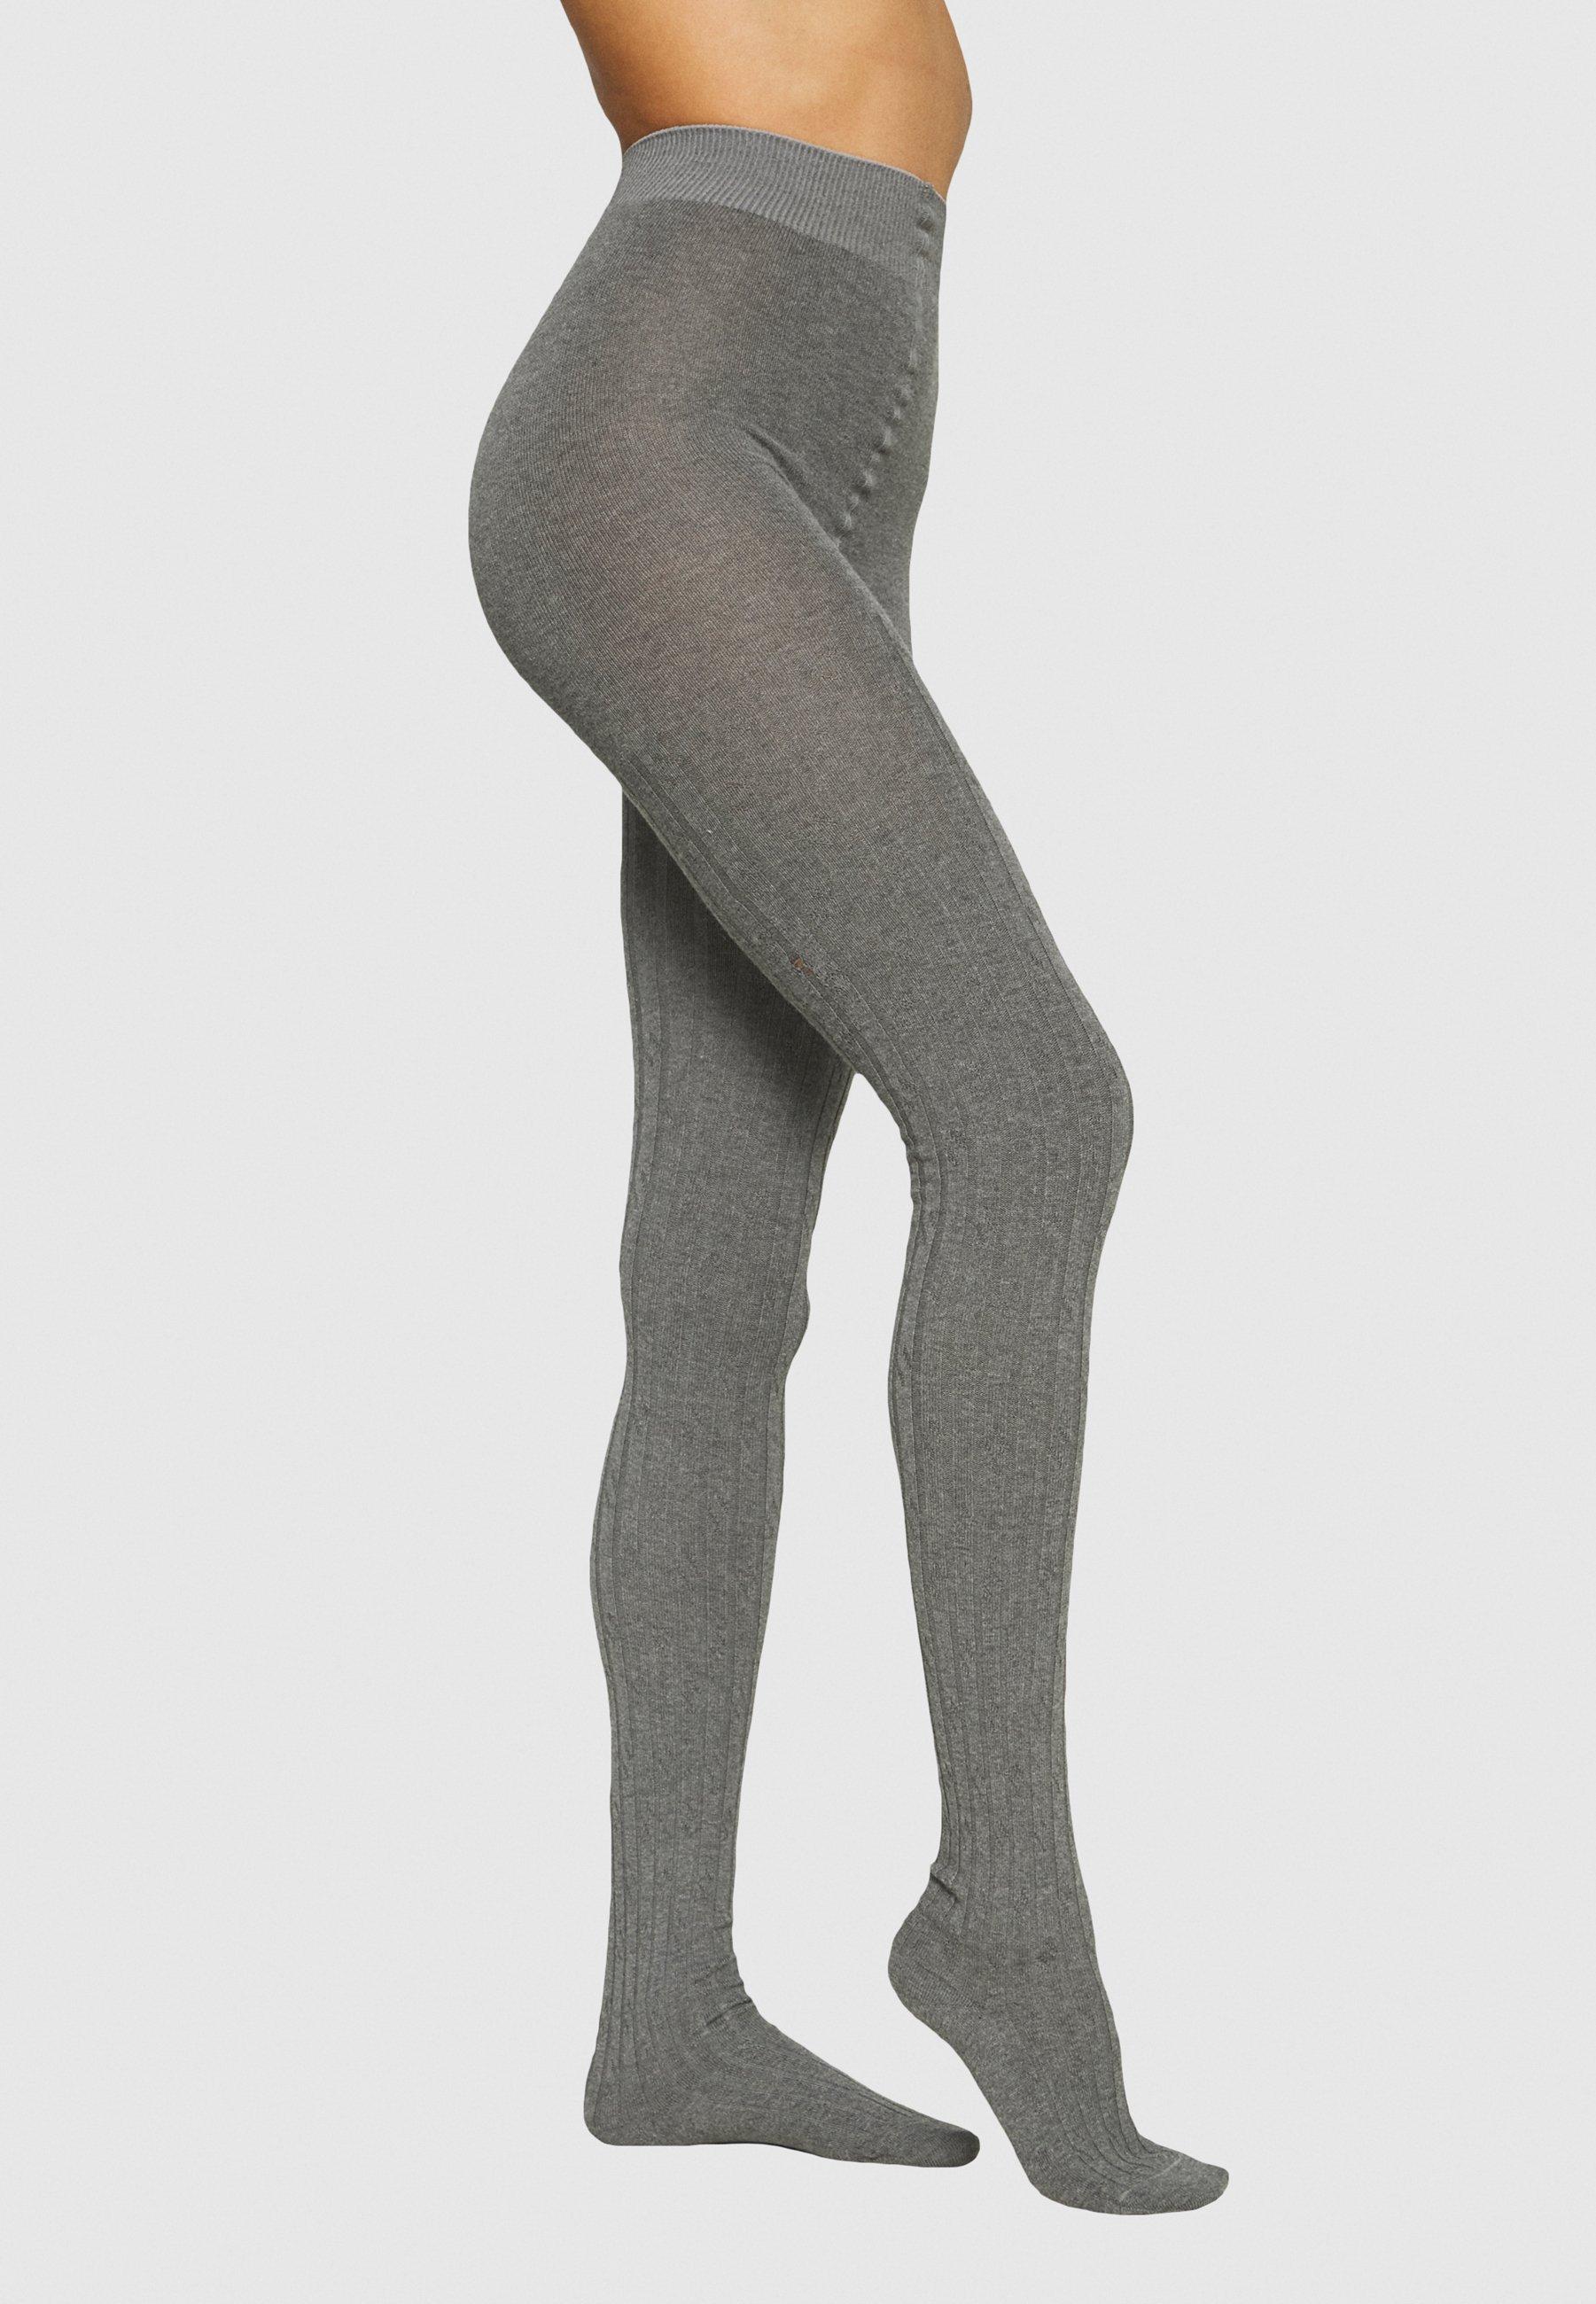 Damen FALKE CLEAN ALLURE STRUMPFHOSE - Strumpfhose